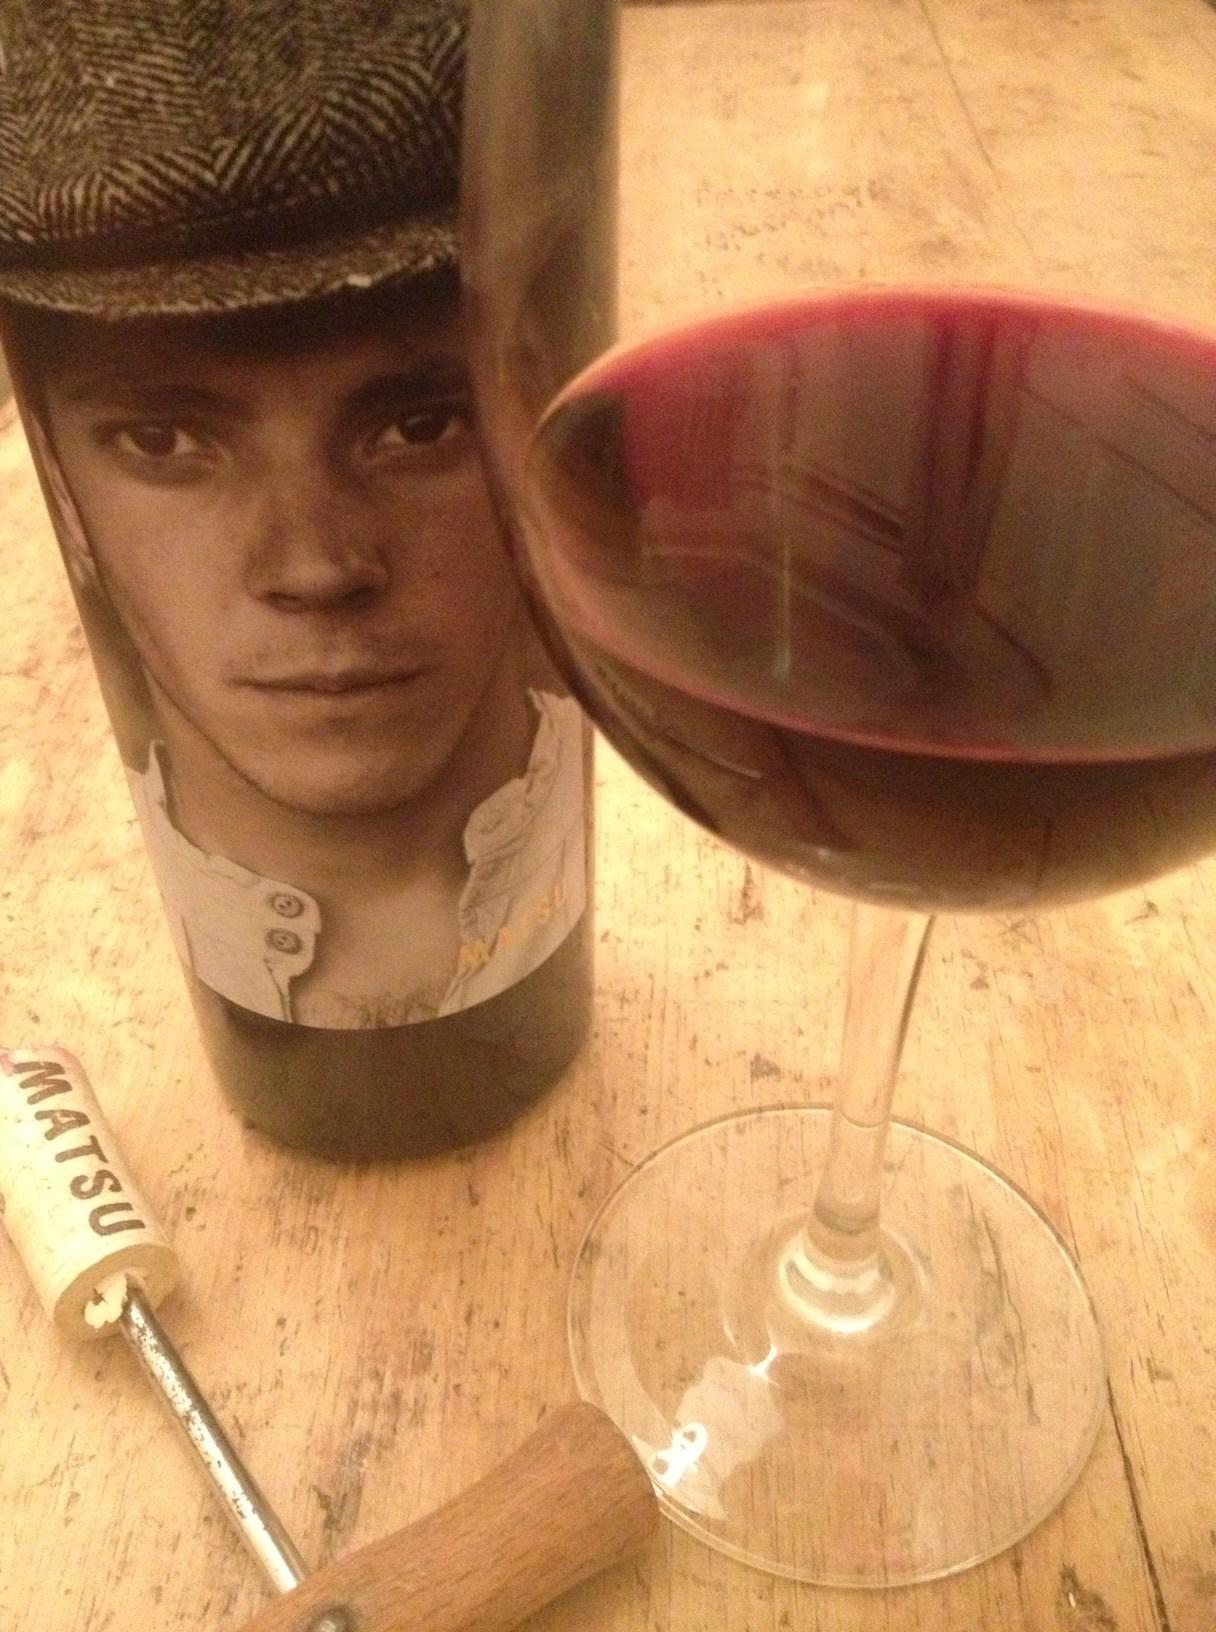 Вино с изображением мужчины на этикетке